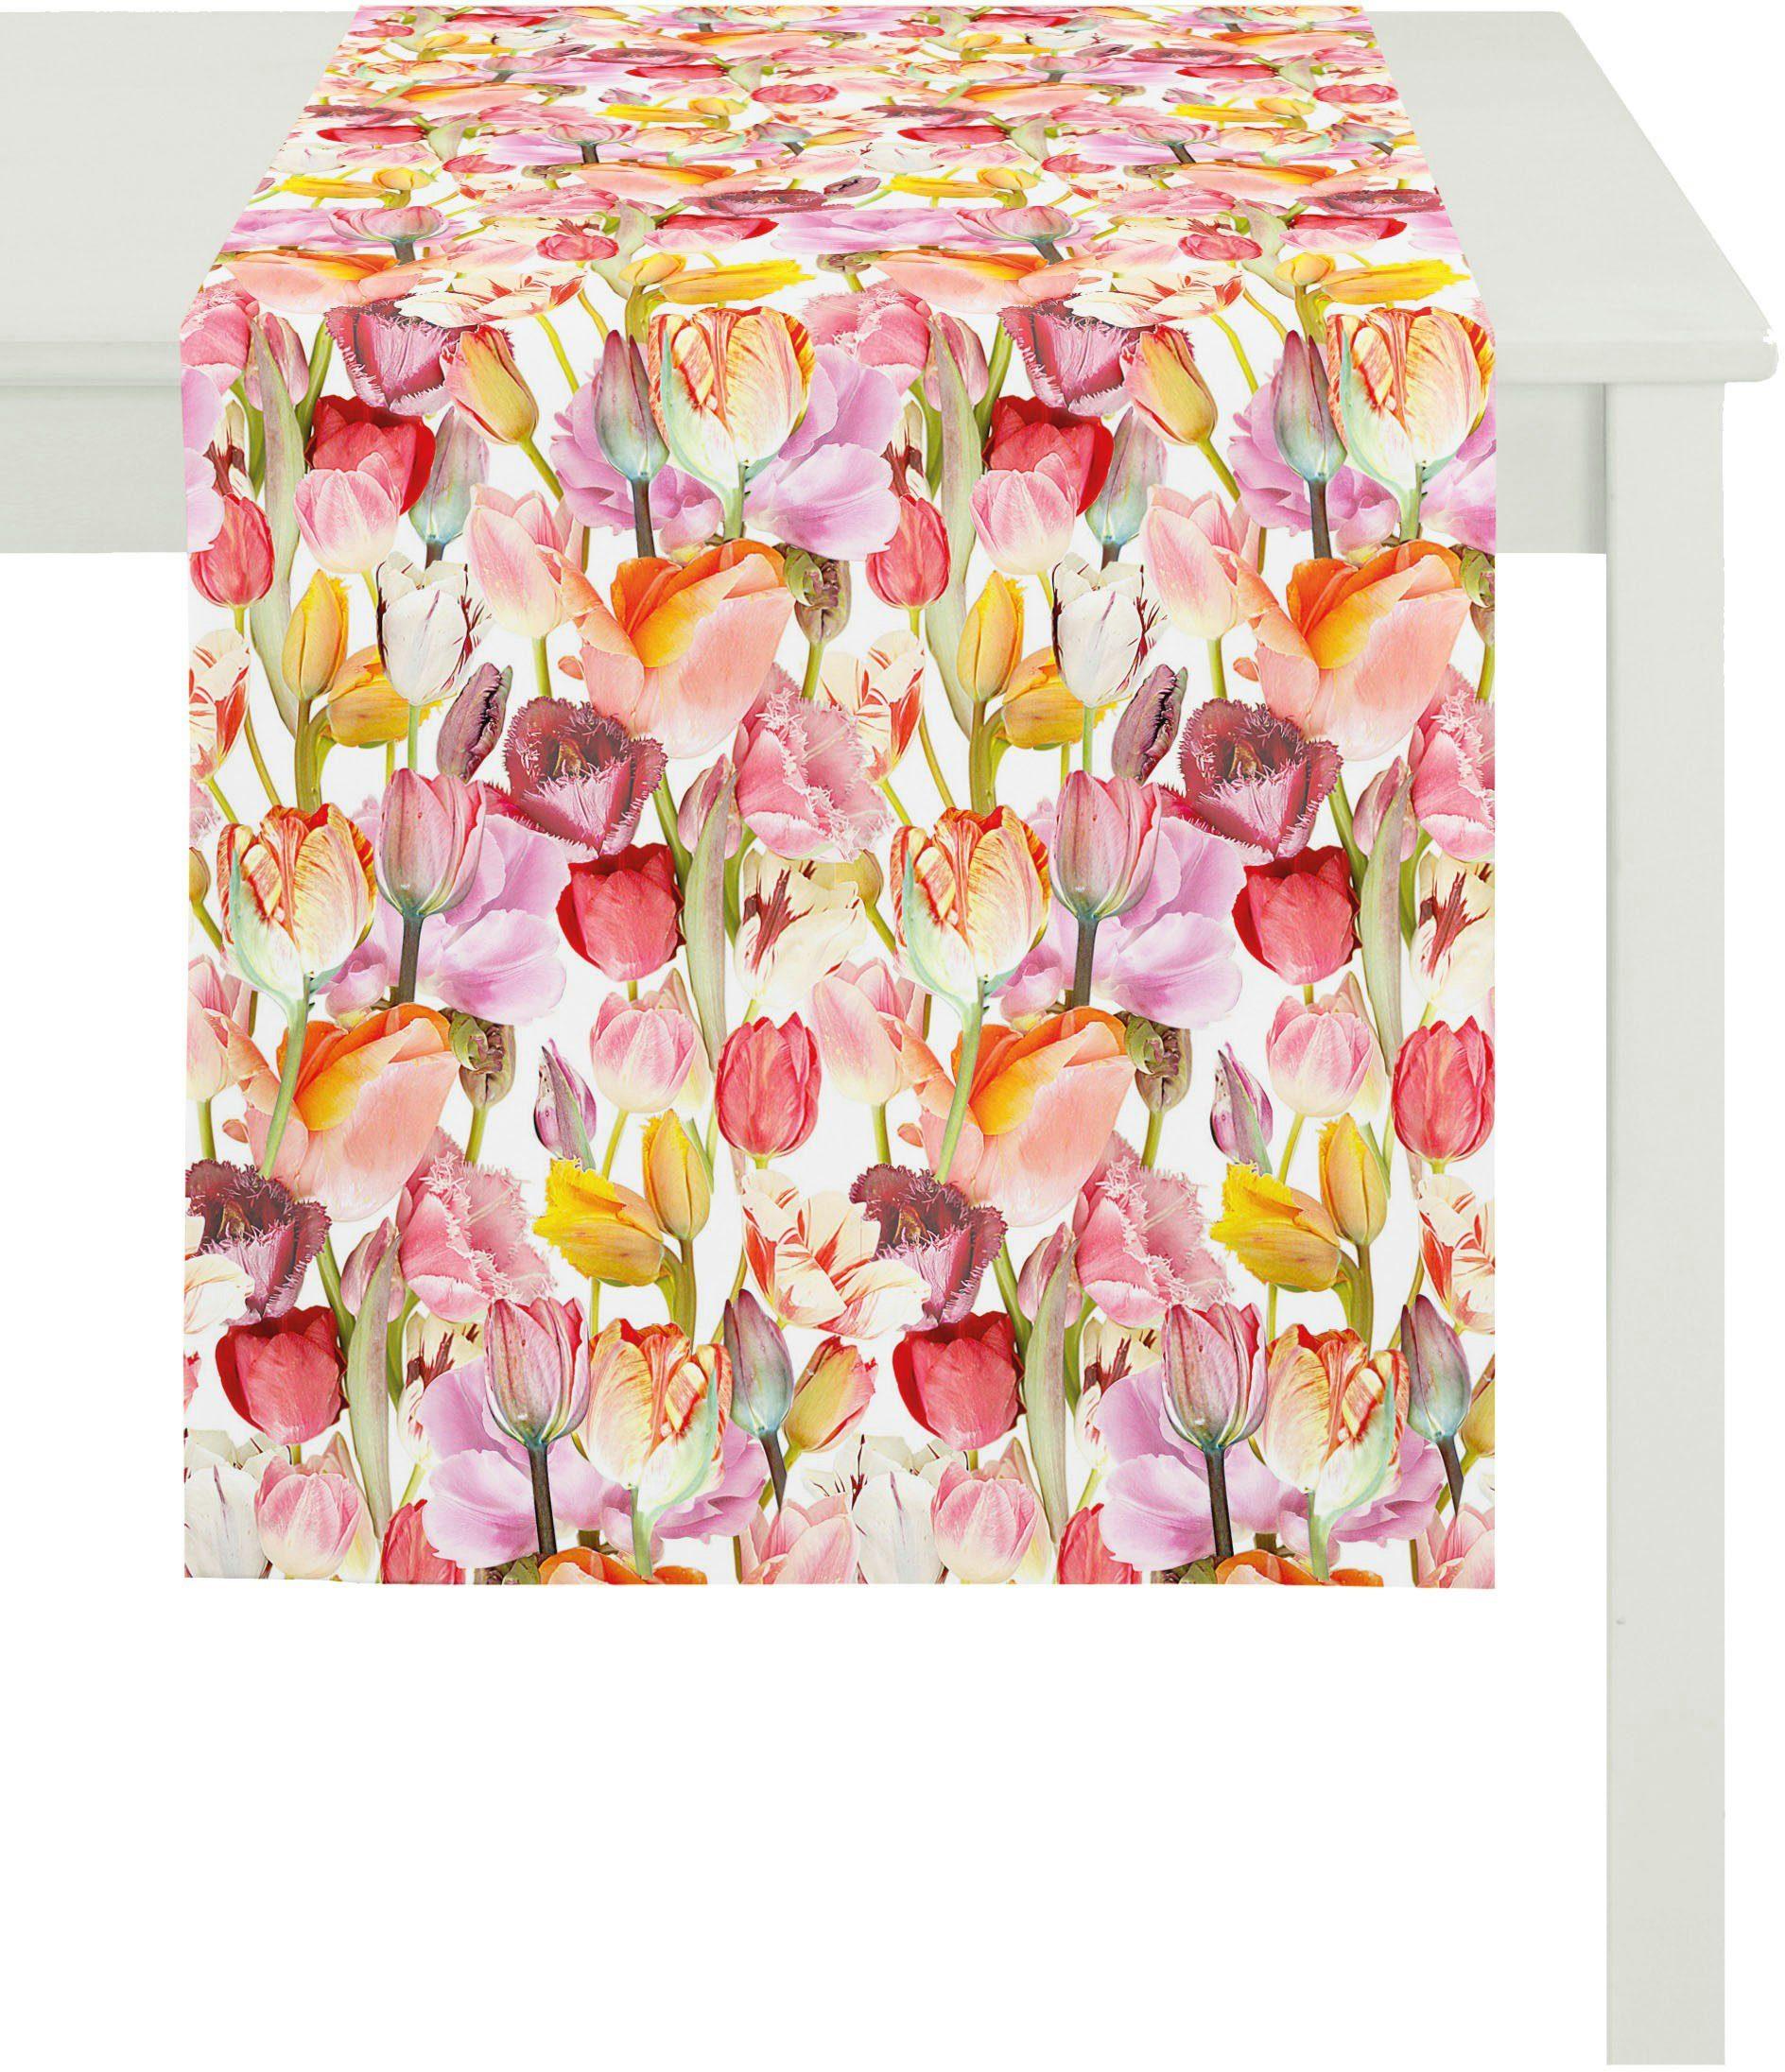 Apelt Tischläufer, 48x140 cm, »2212 SPRINGTIME«